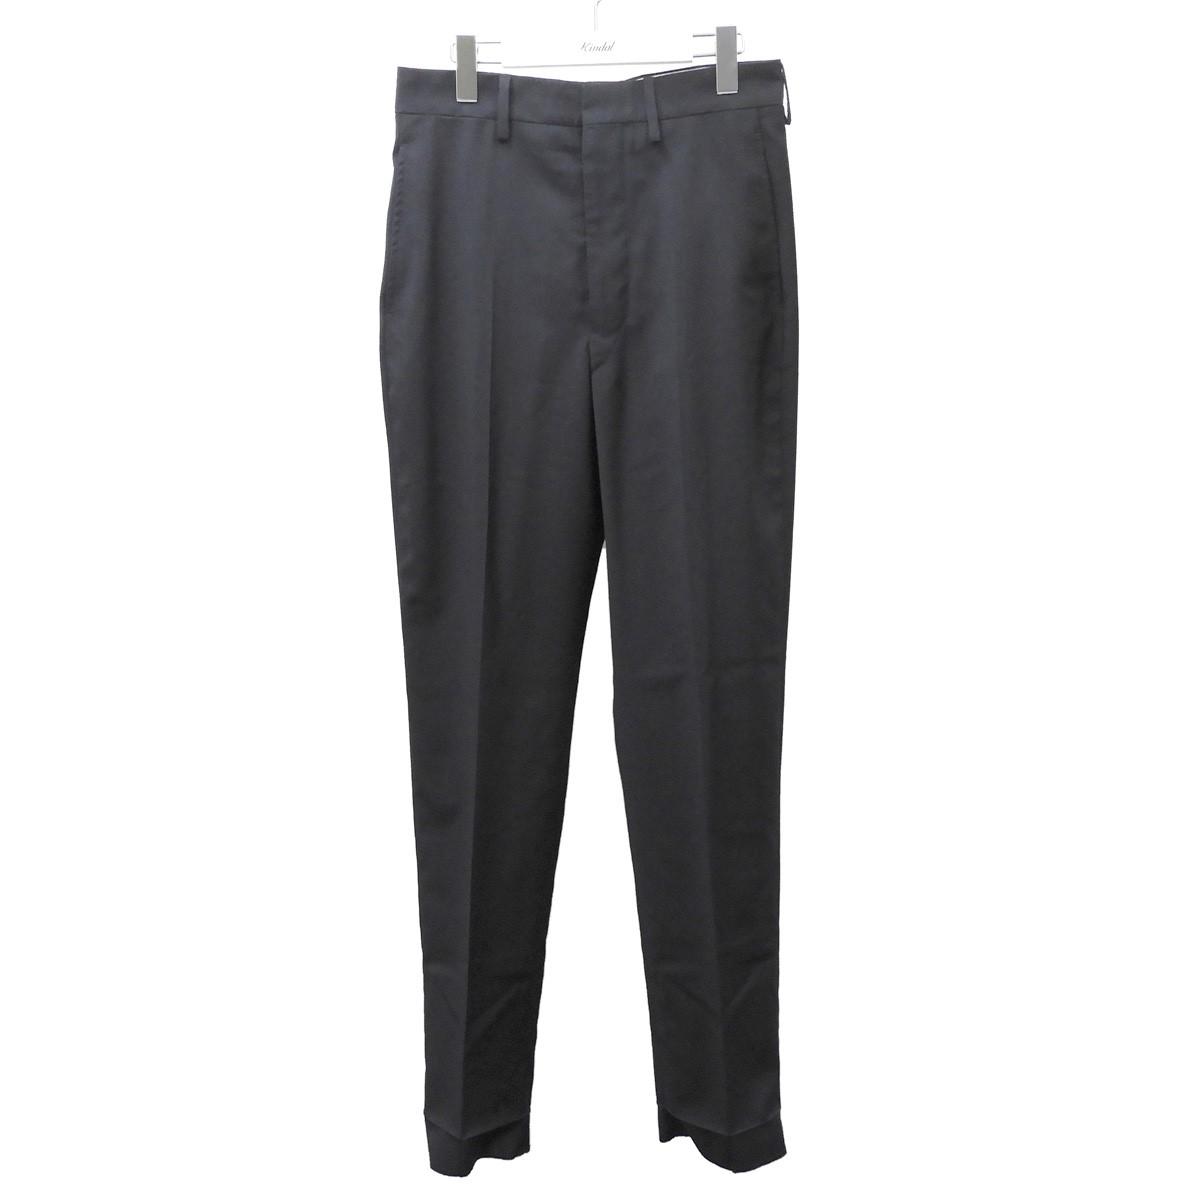 【中古】LEMAIRE スラックスパンツ ネイビー サイズ:44 【200920】(ルメール)